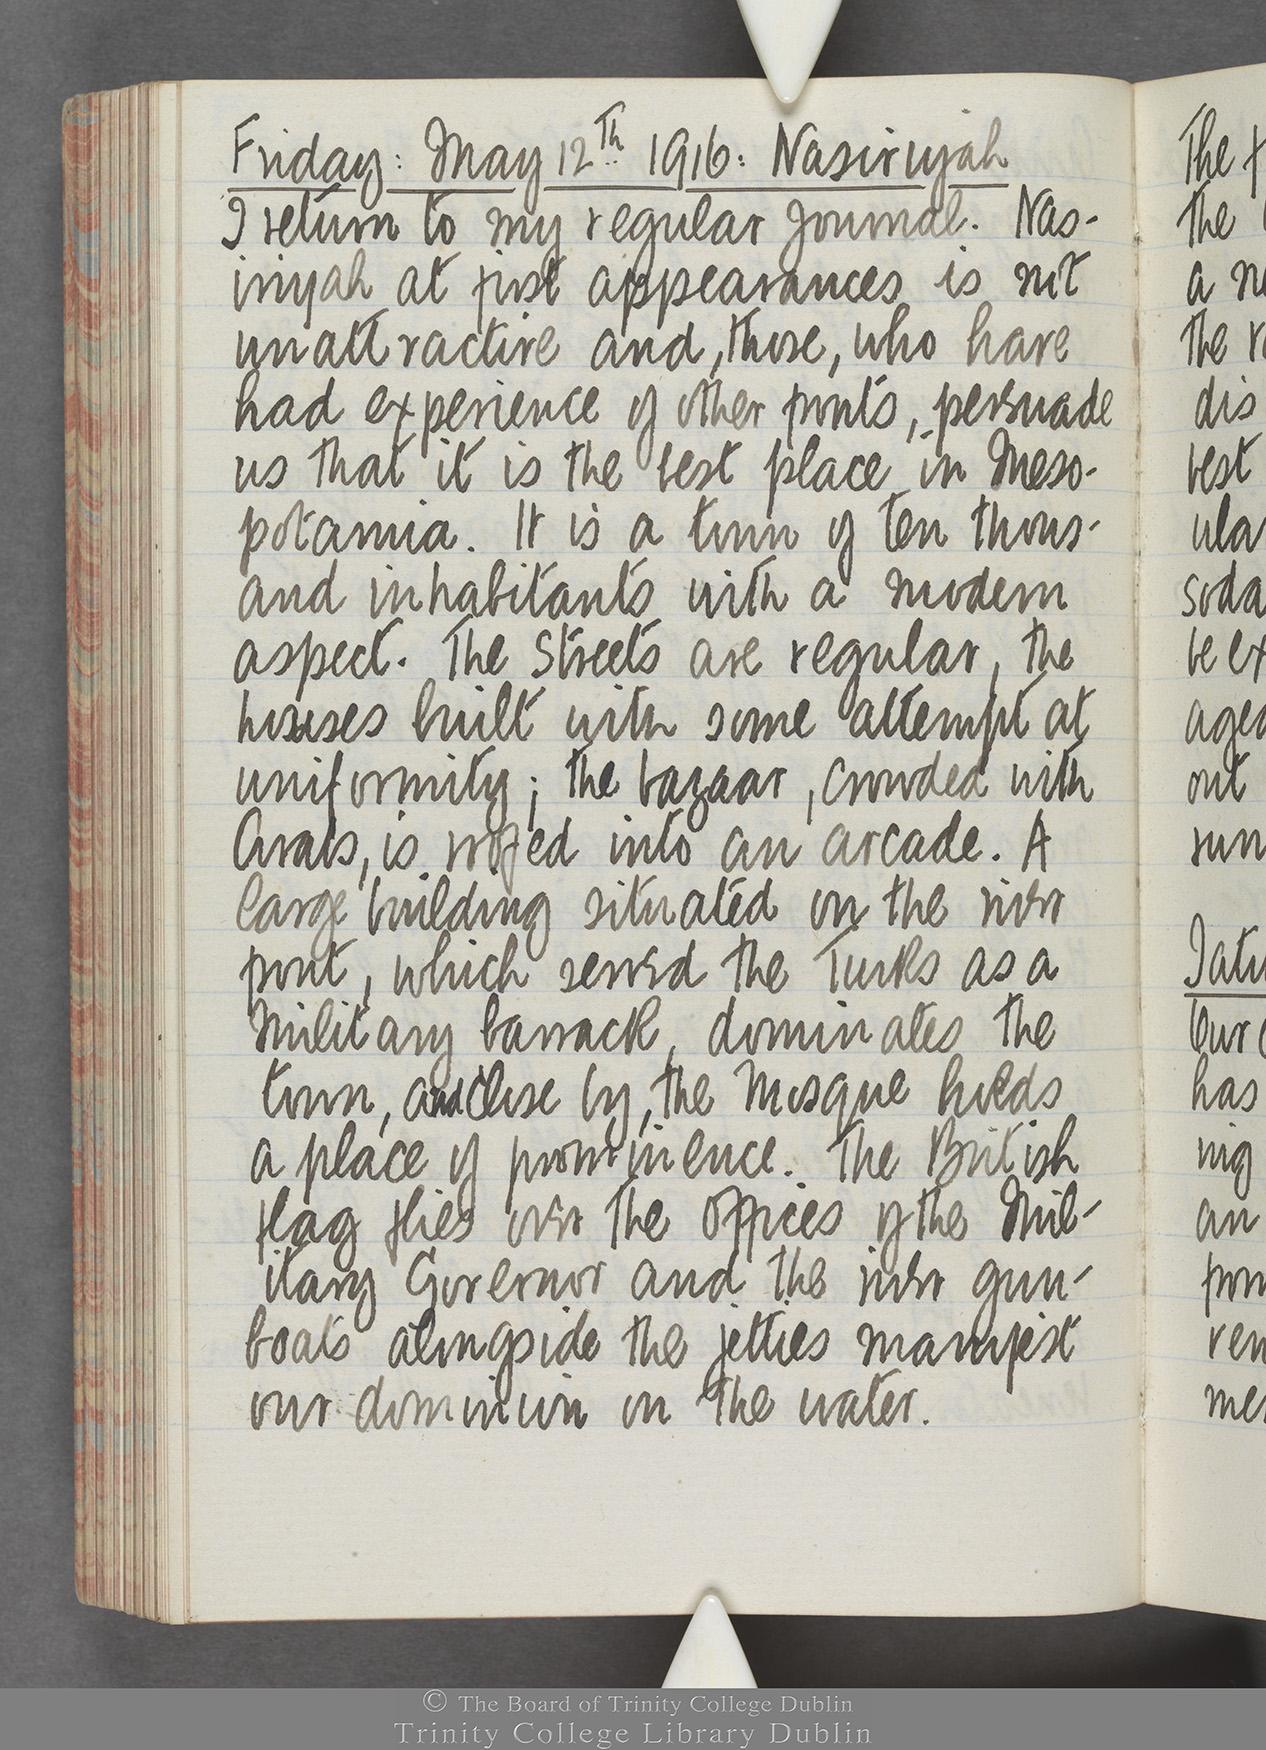 TCD MS 10515 folio 109 verso